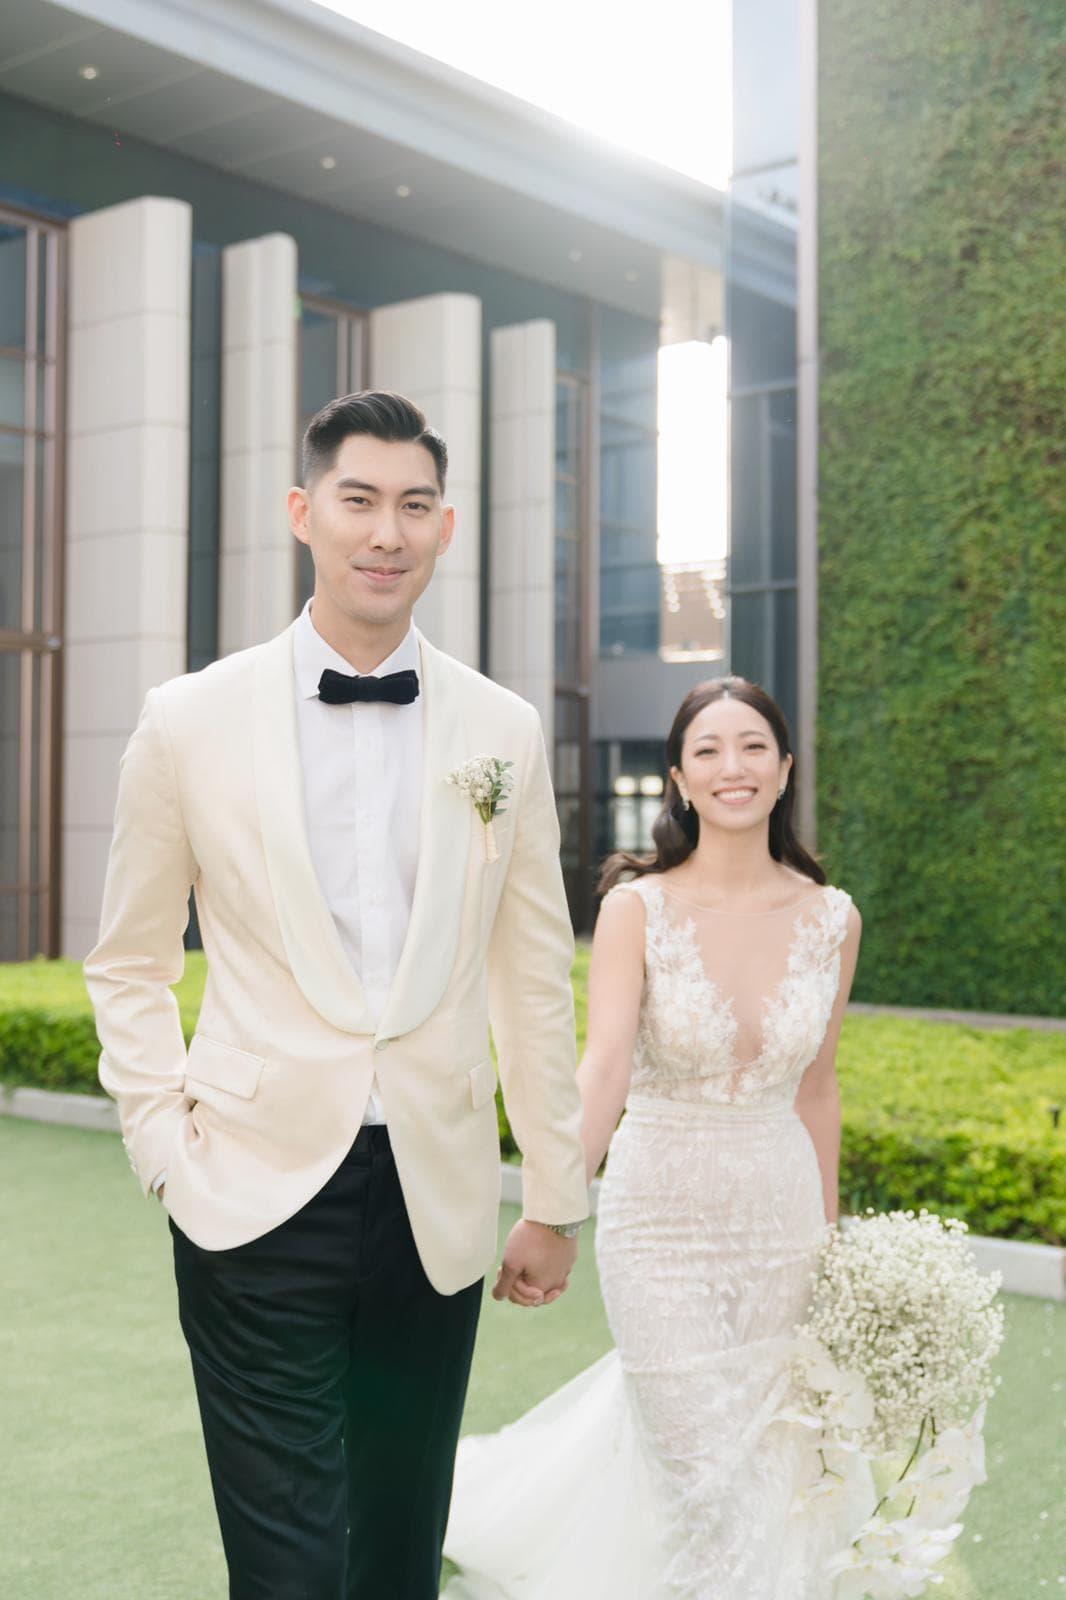 毛加恩今晚如期和未婚妻羅雯在萬豪酒店舉辦婚宴,下午在戶外舉行婚禮儀式。(傑星傳播提供)